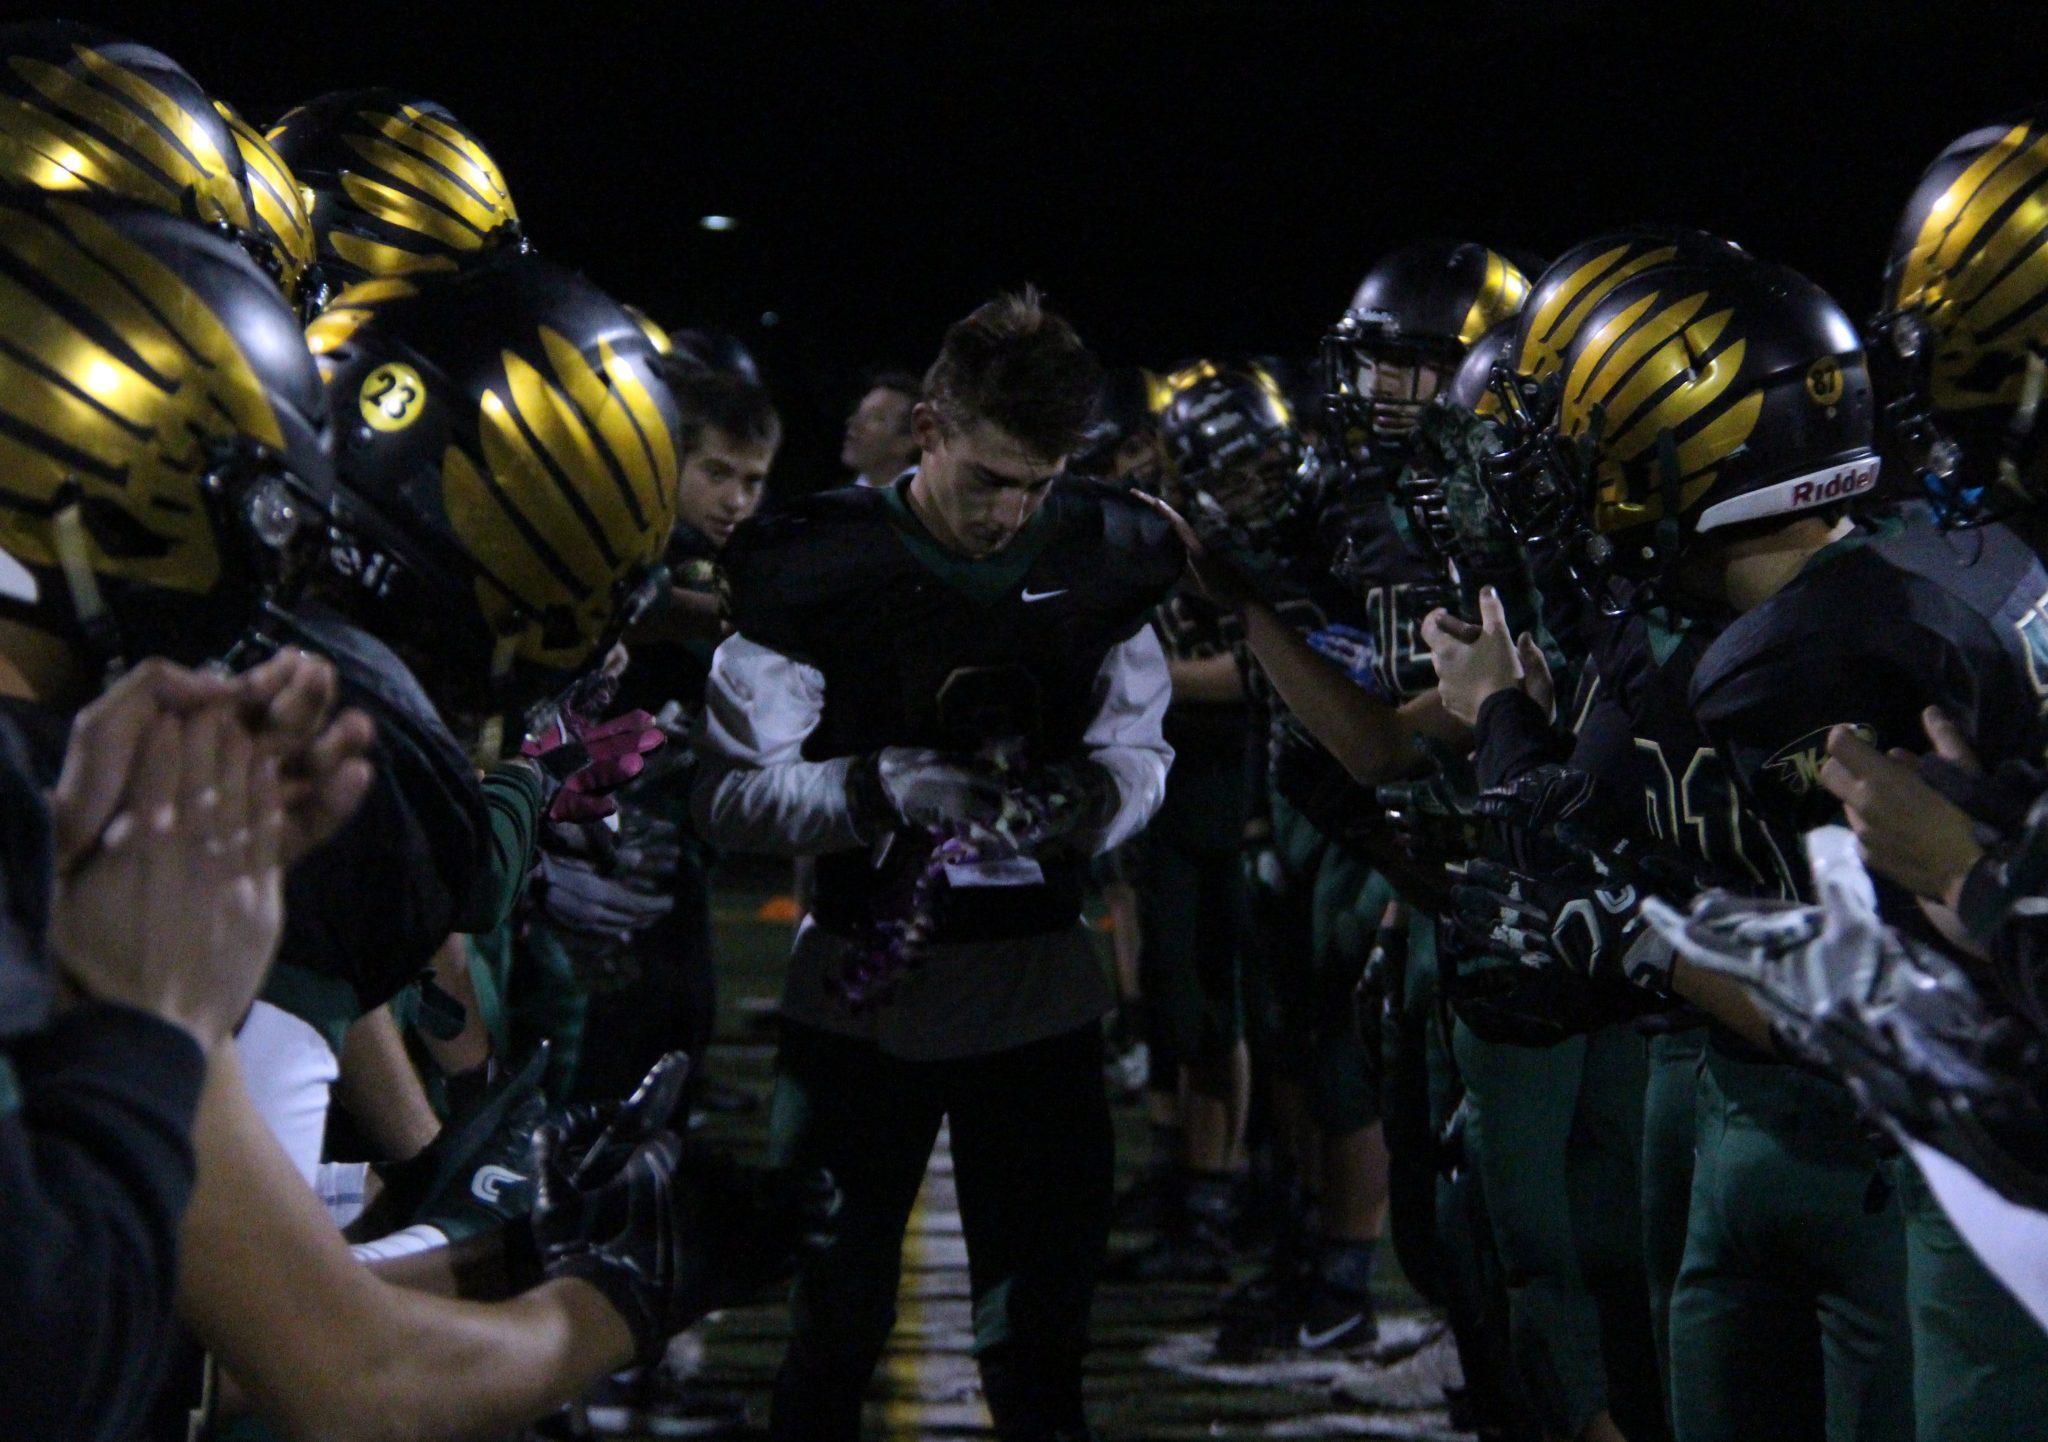 PHOTOS: Varsity Football vs. Rock Canyon